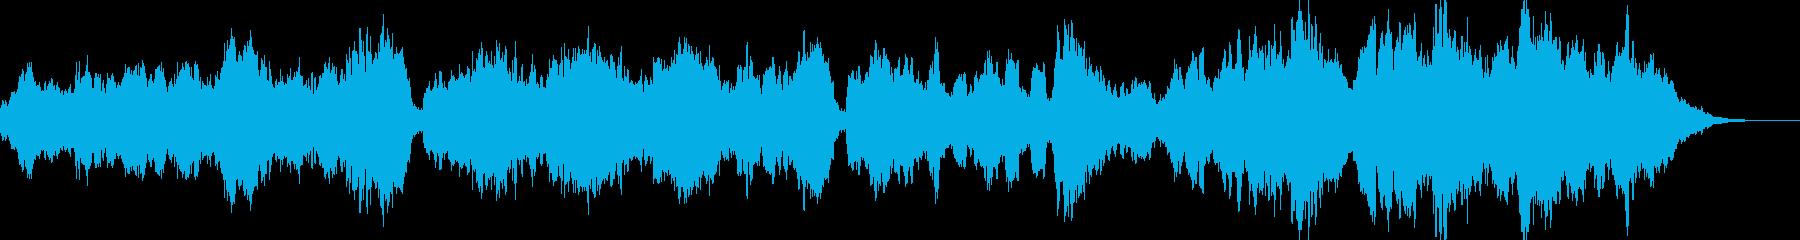 映画音楽御用達 切なく弦楽オーケストラの再生済みの波形